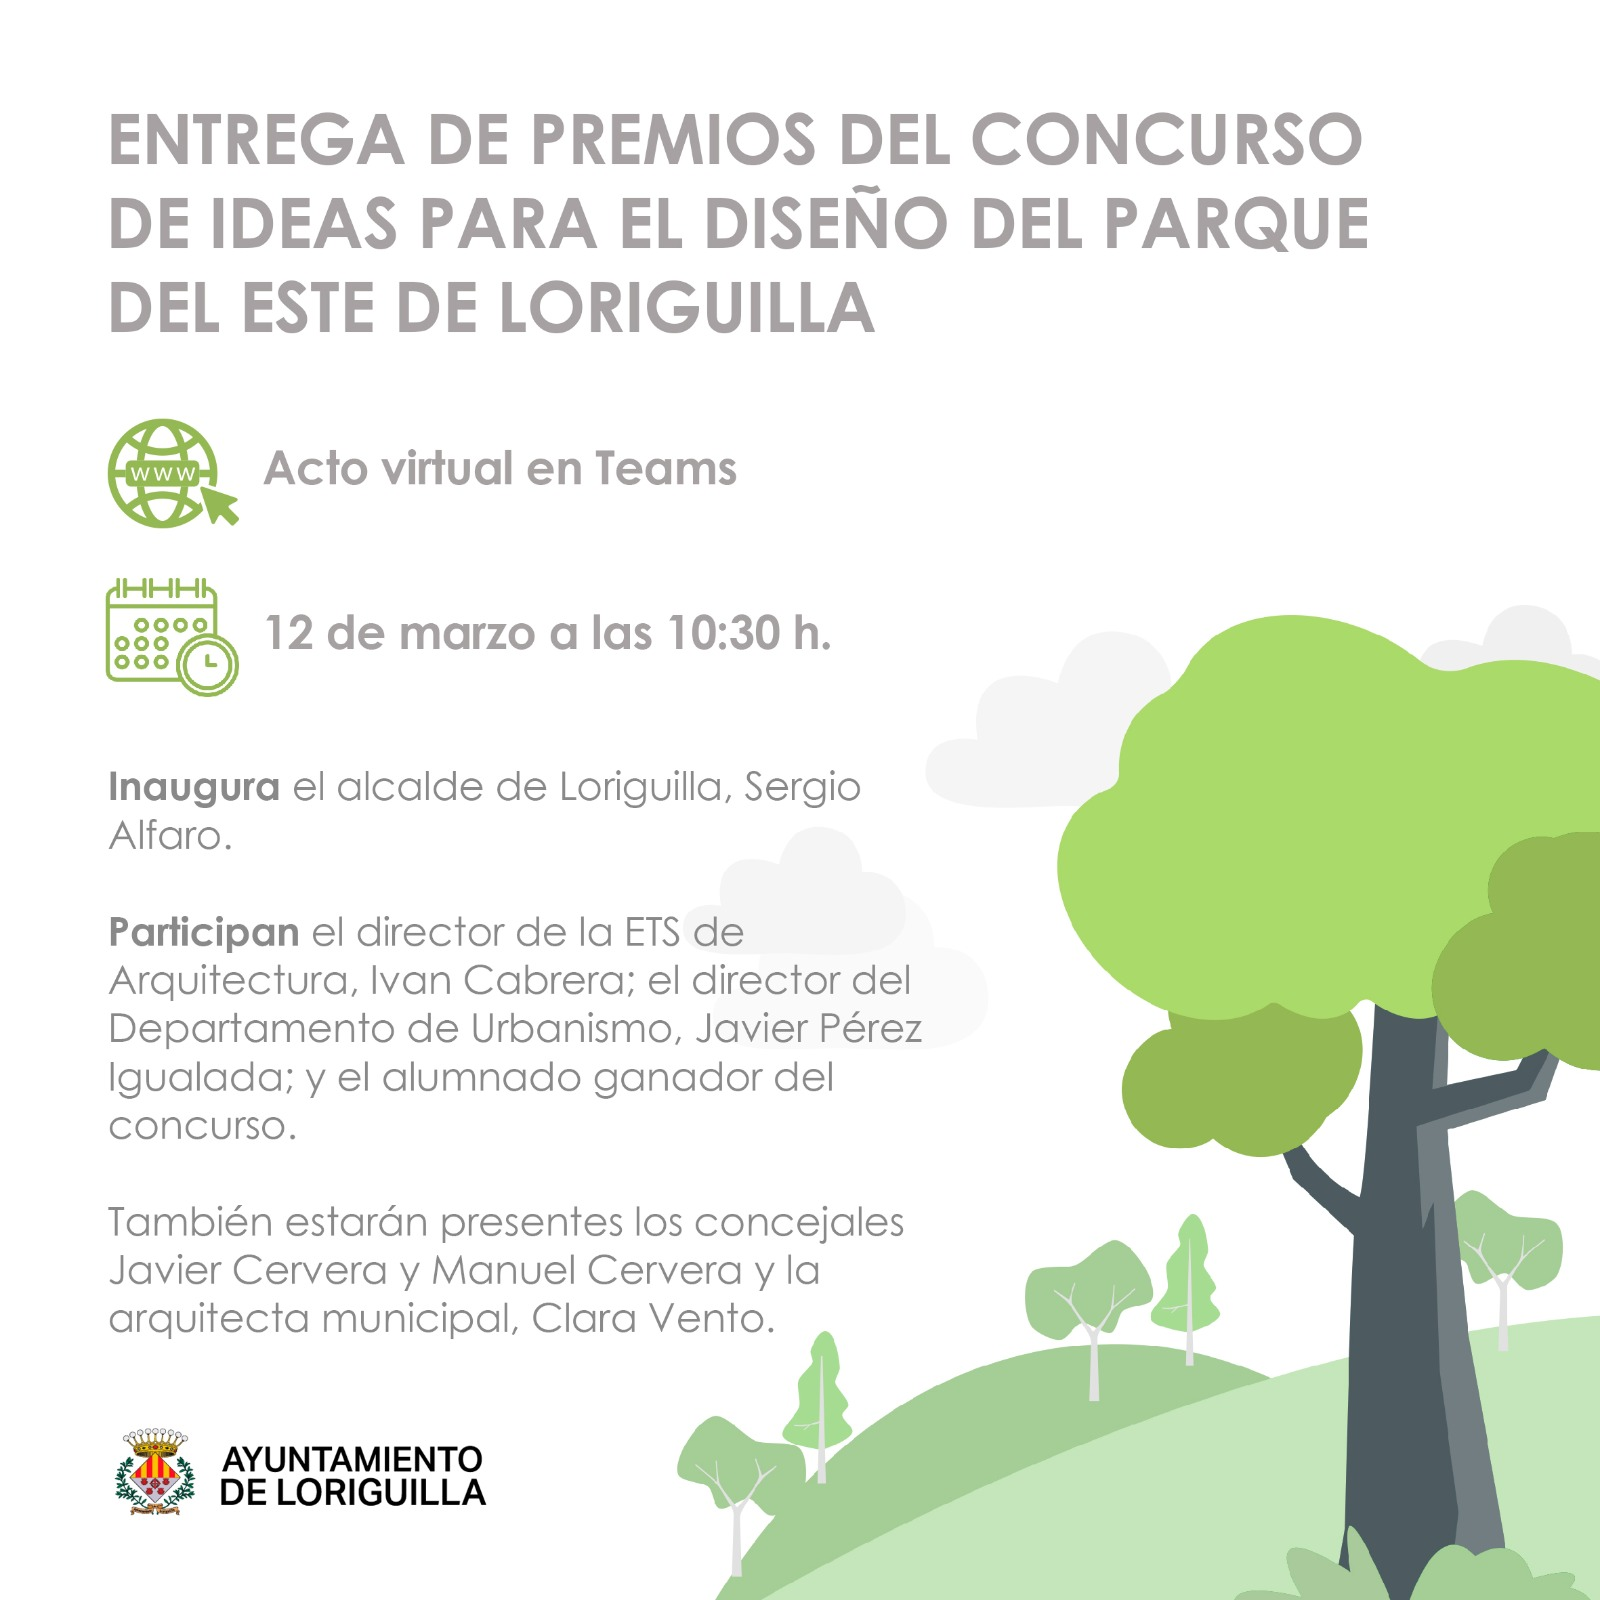 El Ayuntamiento de Loriguilla entregará los premios del Concurso de Ideas del Parque del Este de su polígono industrial a través de un acto virtual